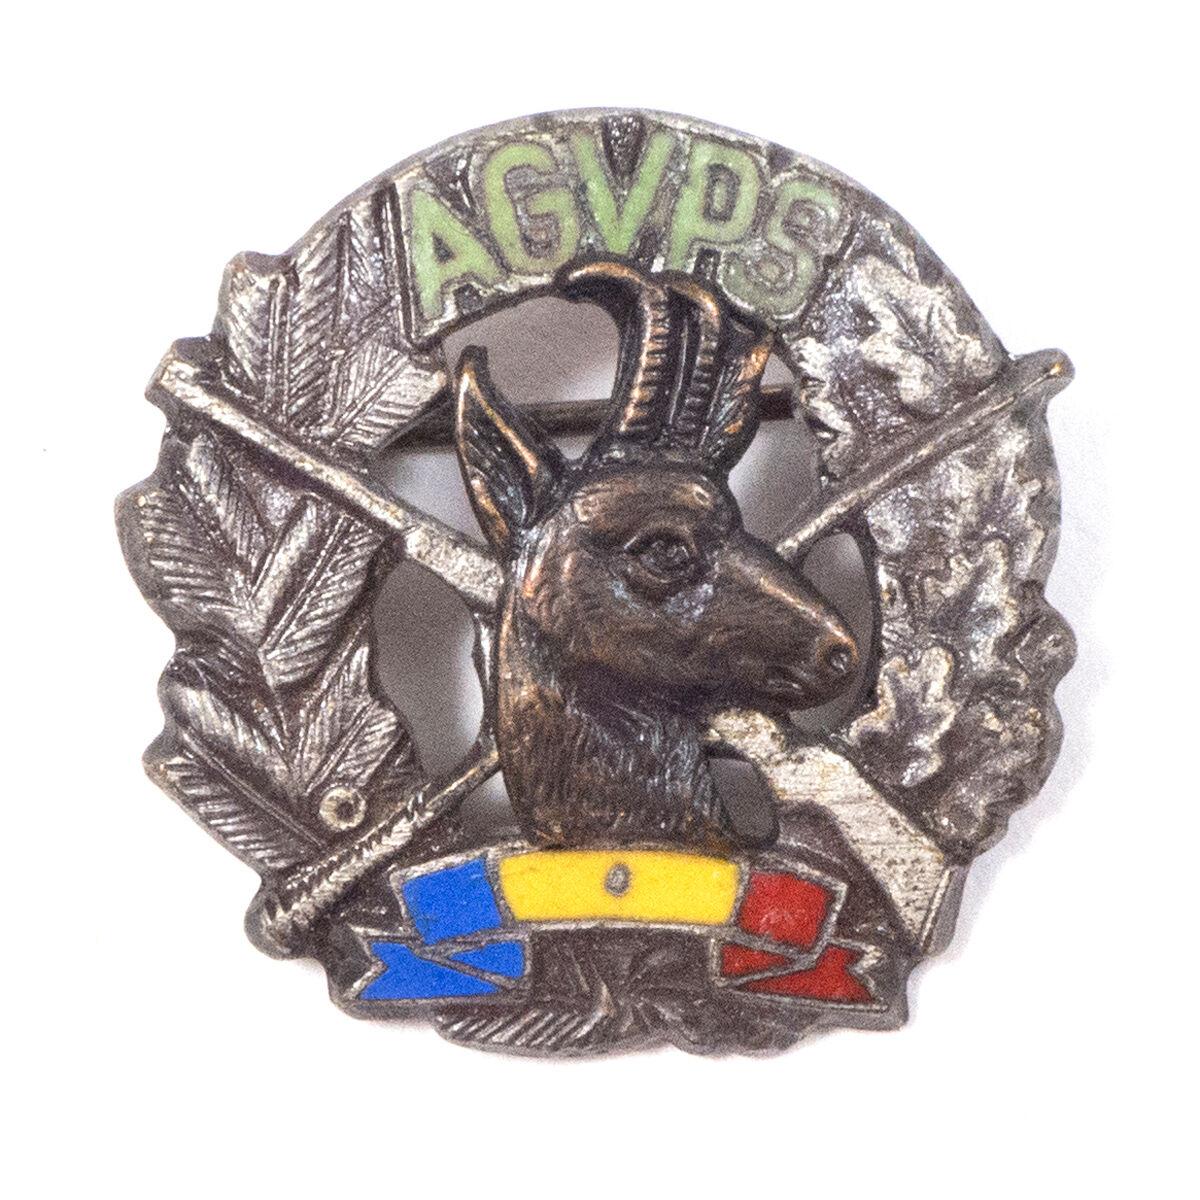 Vintage Vintage Vintage Agvps Fischen & Jagd Vereinigung Rumänien Pin Abzeichen .203cm 32437f